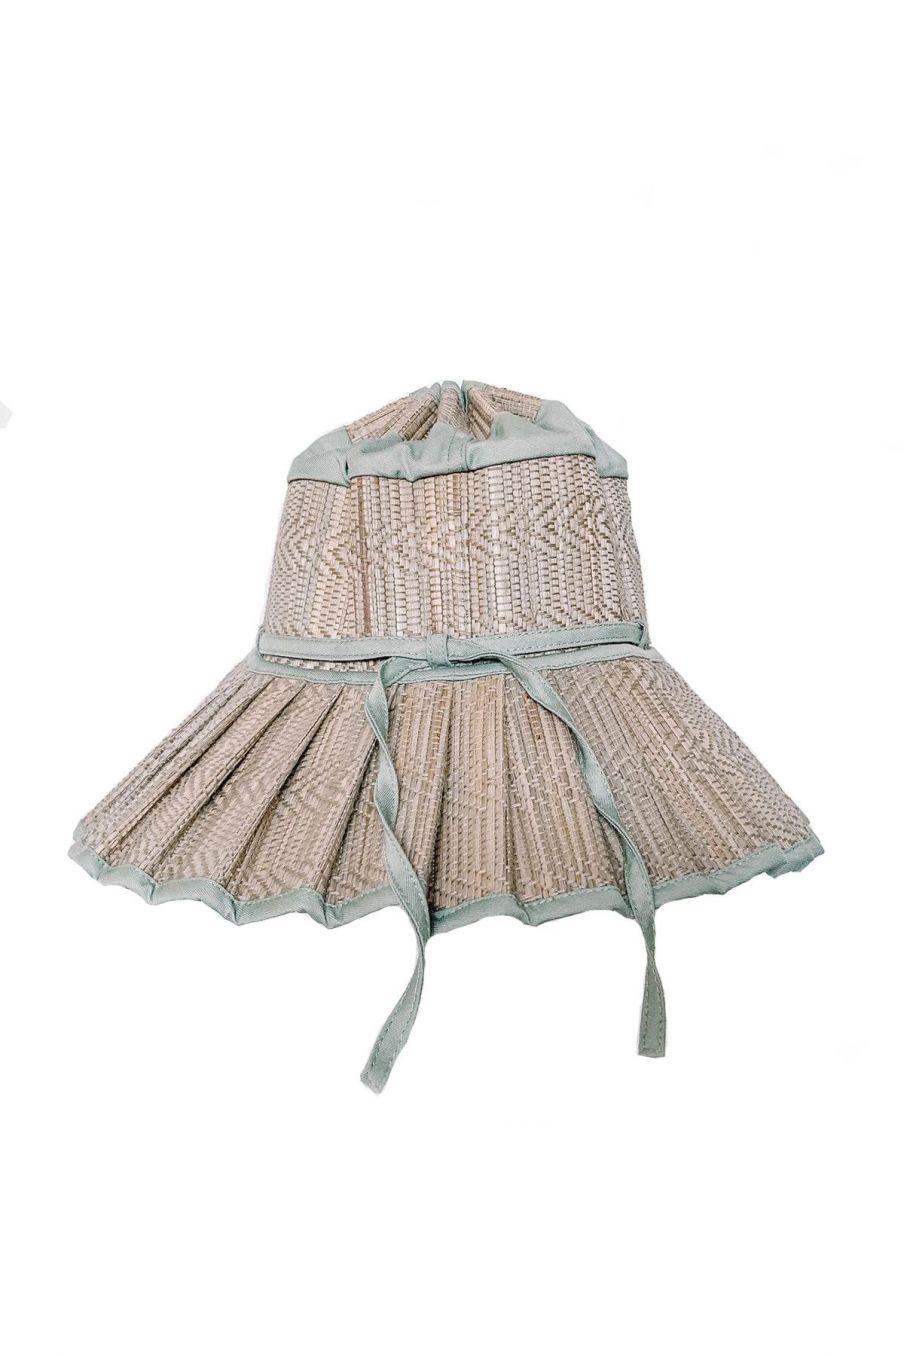 boheme chic vintage chapeau bébé fille capri sea foam